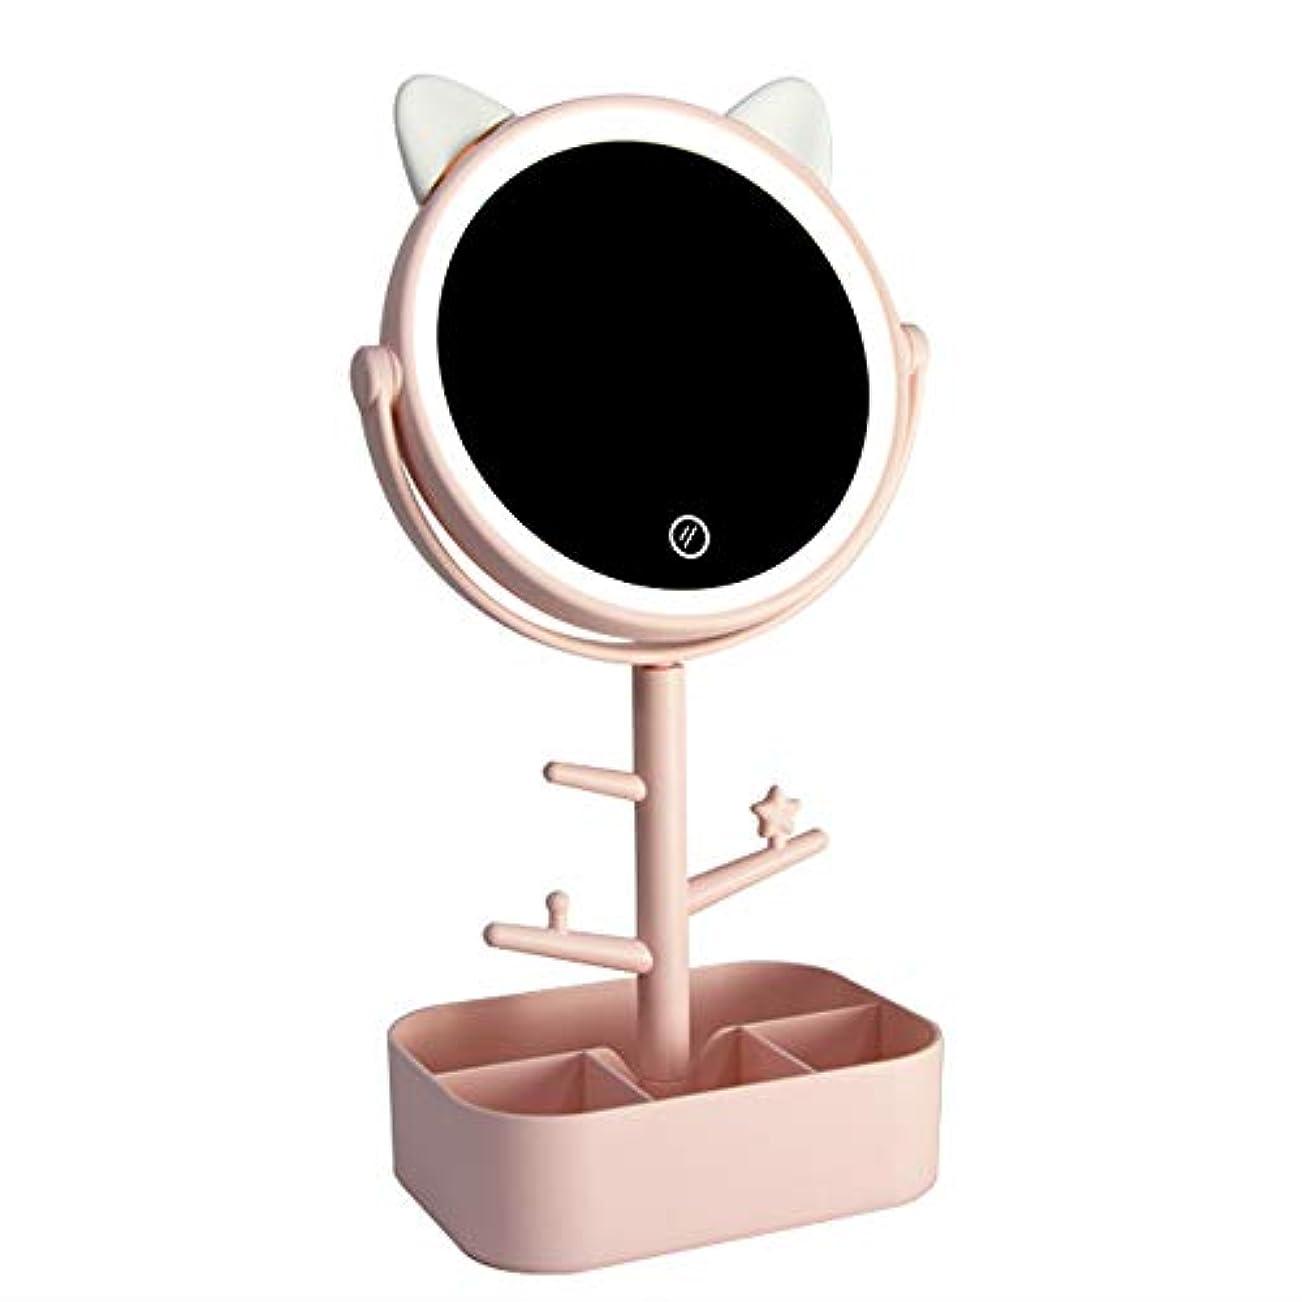 大統領新しい意味ベジタリアンLecone LED化粧鏡 女優ミラー 卓上ミラー 180度調整可能 スタンドミラー LEDライト メイク 化粧道具 円型 収納ケース 可収納 USB給電 (猫ーピンク)